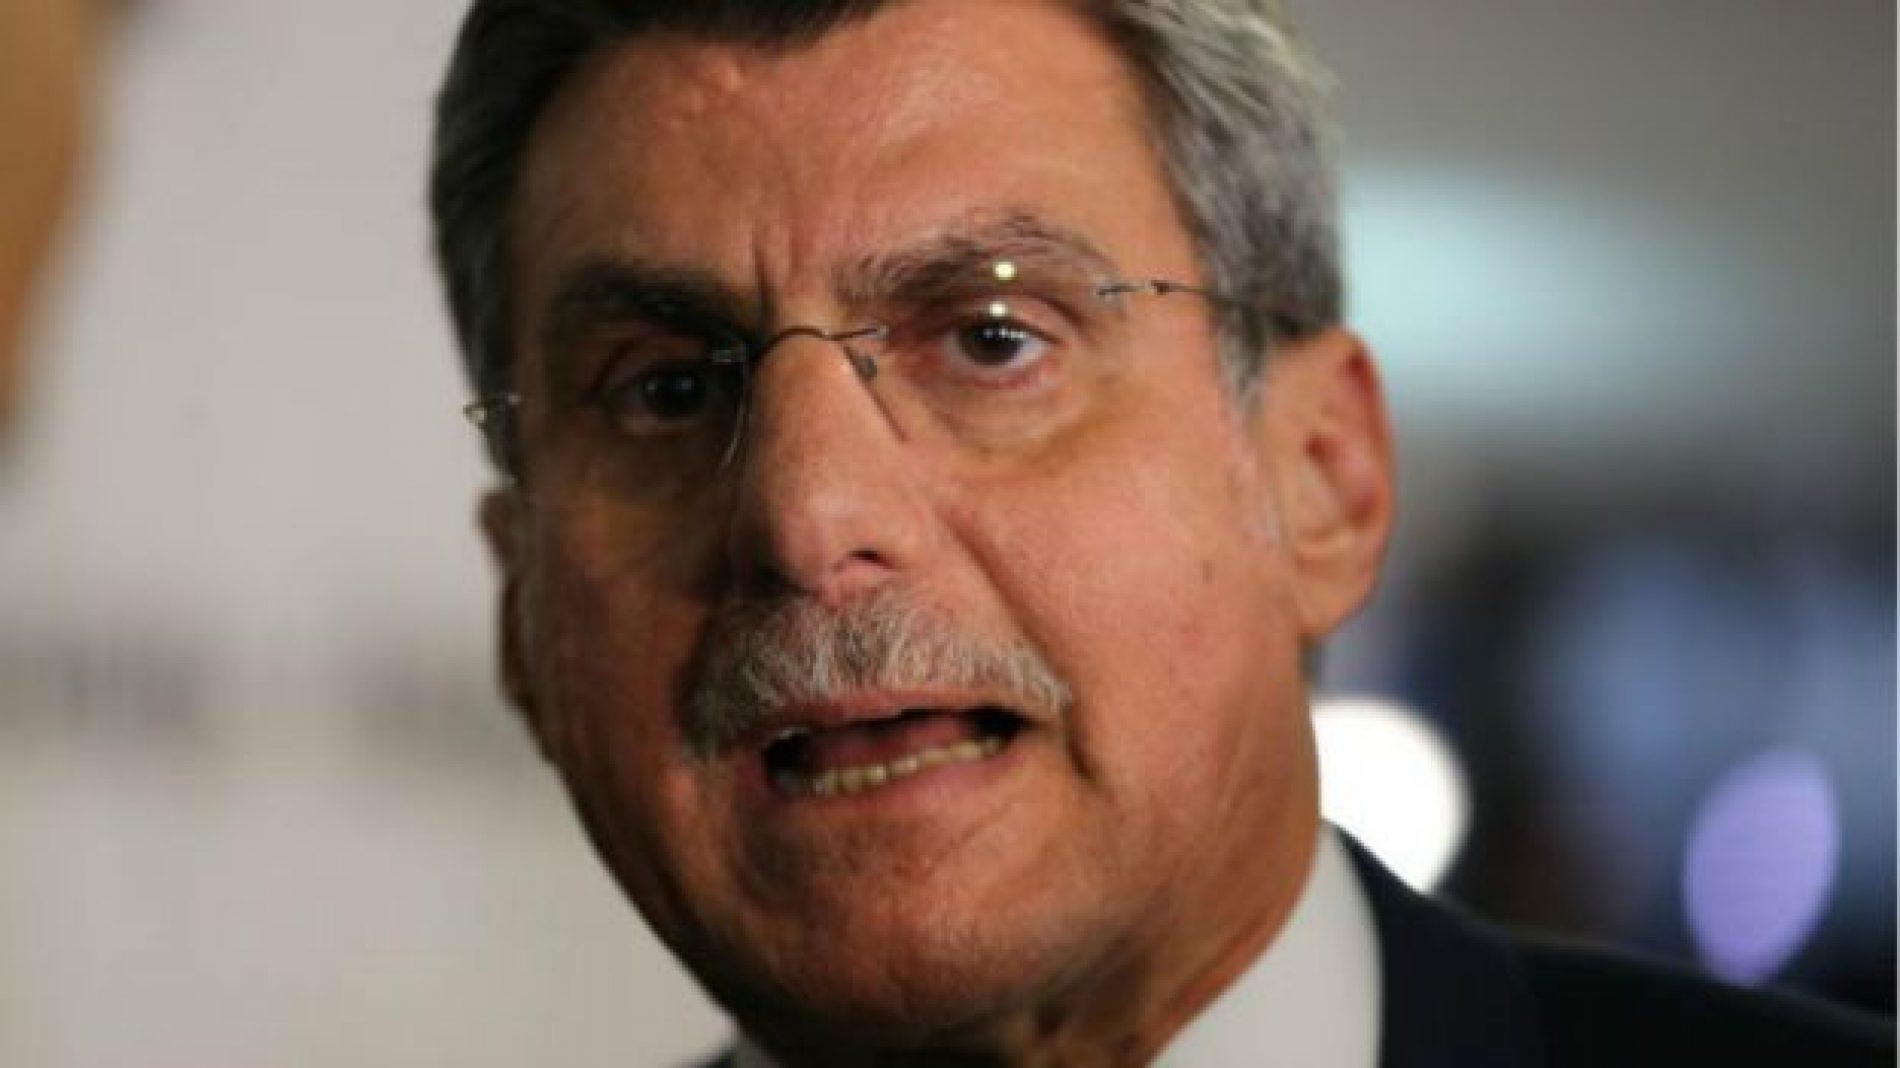 Romero Jucá diz que está tranquilo e provará inocência em denúncia por corrupção